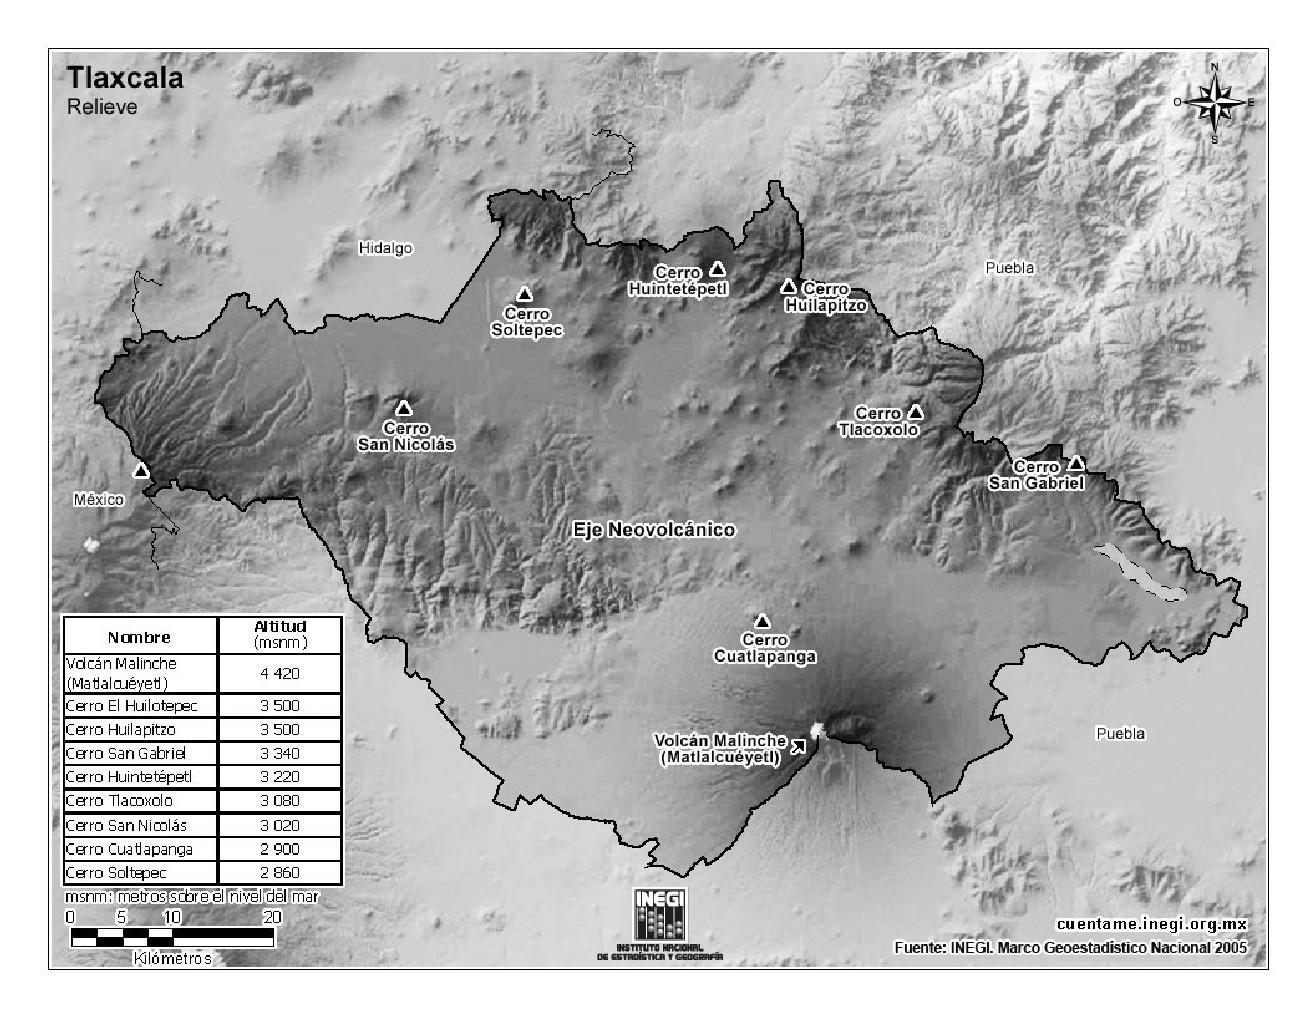 Mapa de montañas de Tlaxcala. INEGI de México